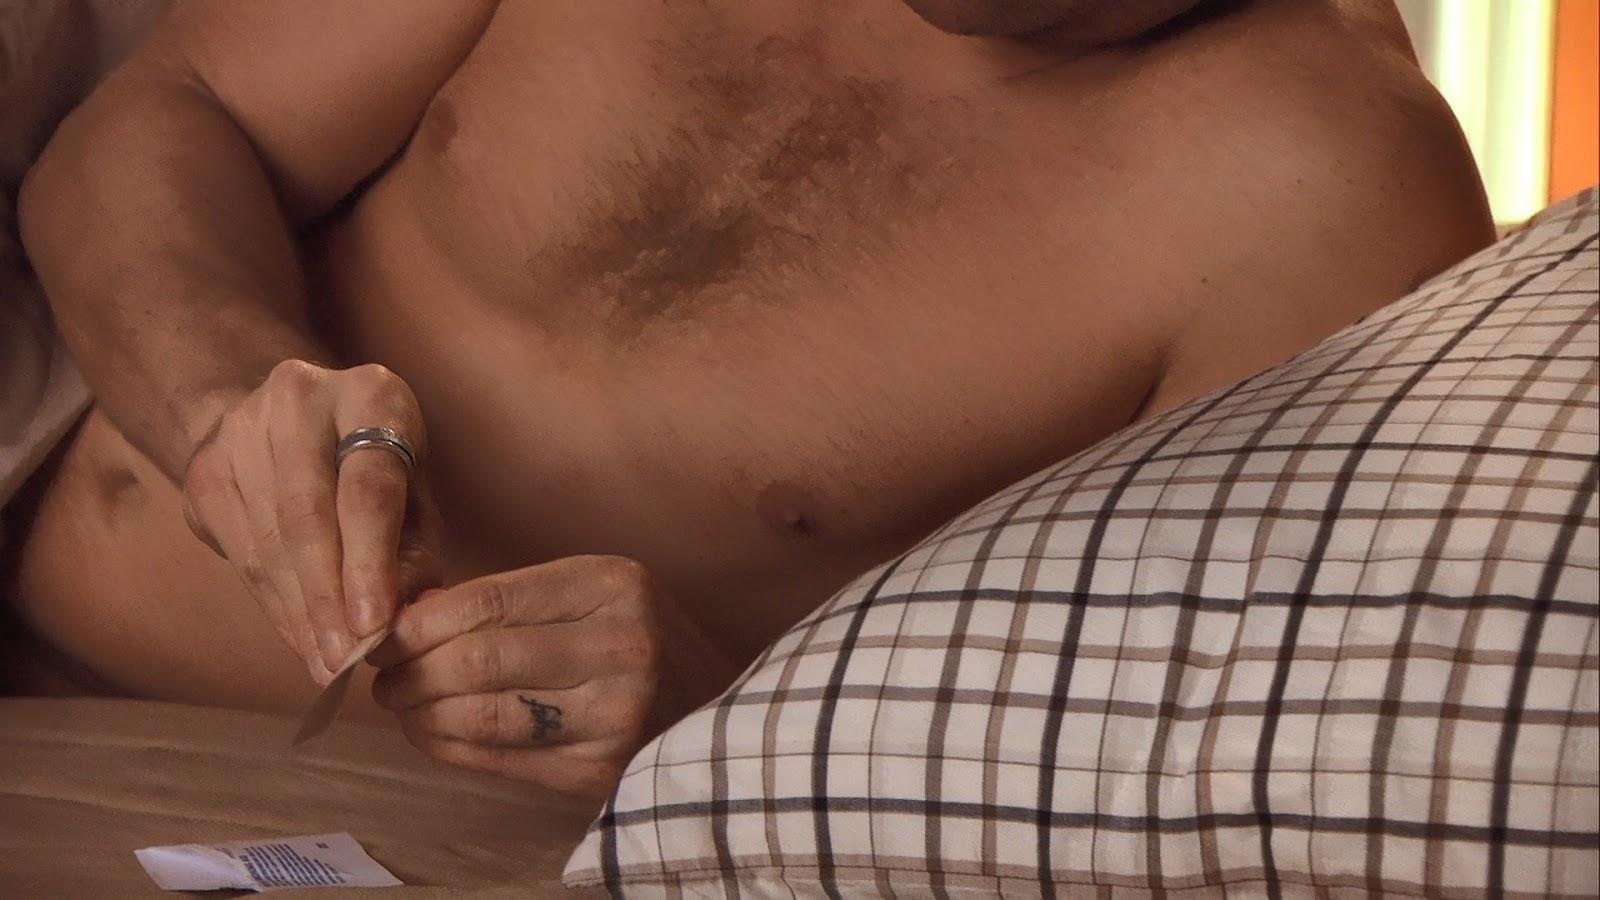 Pantyhose david duchovny nude super